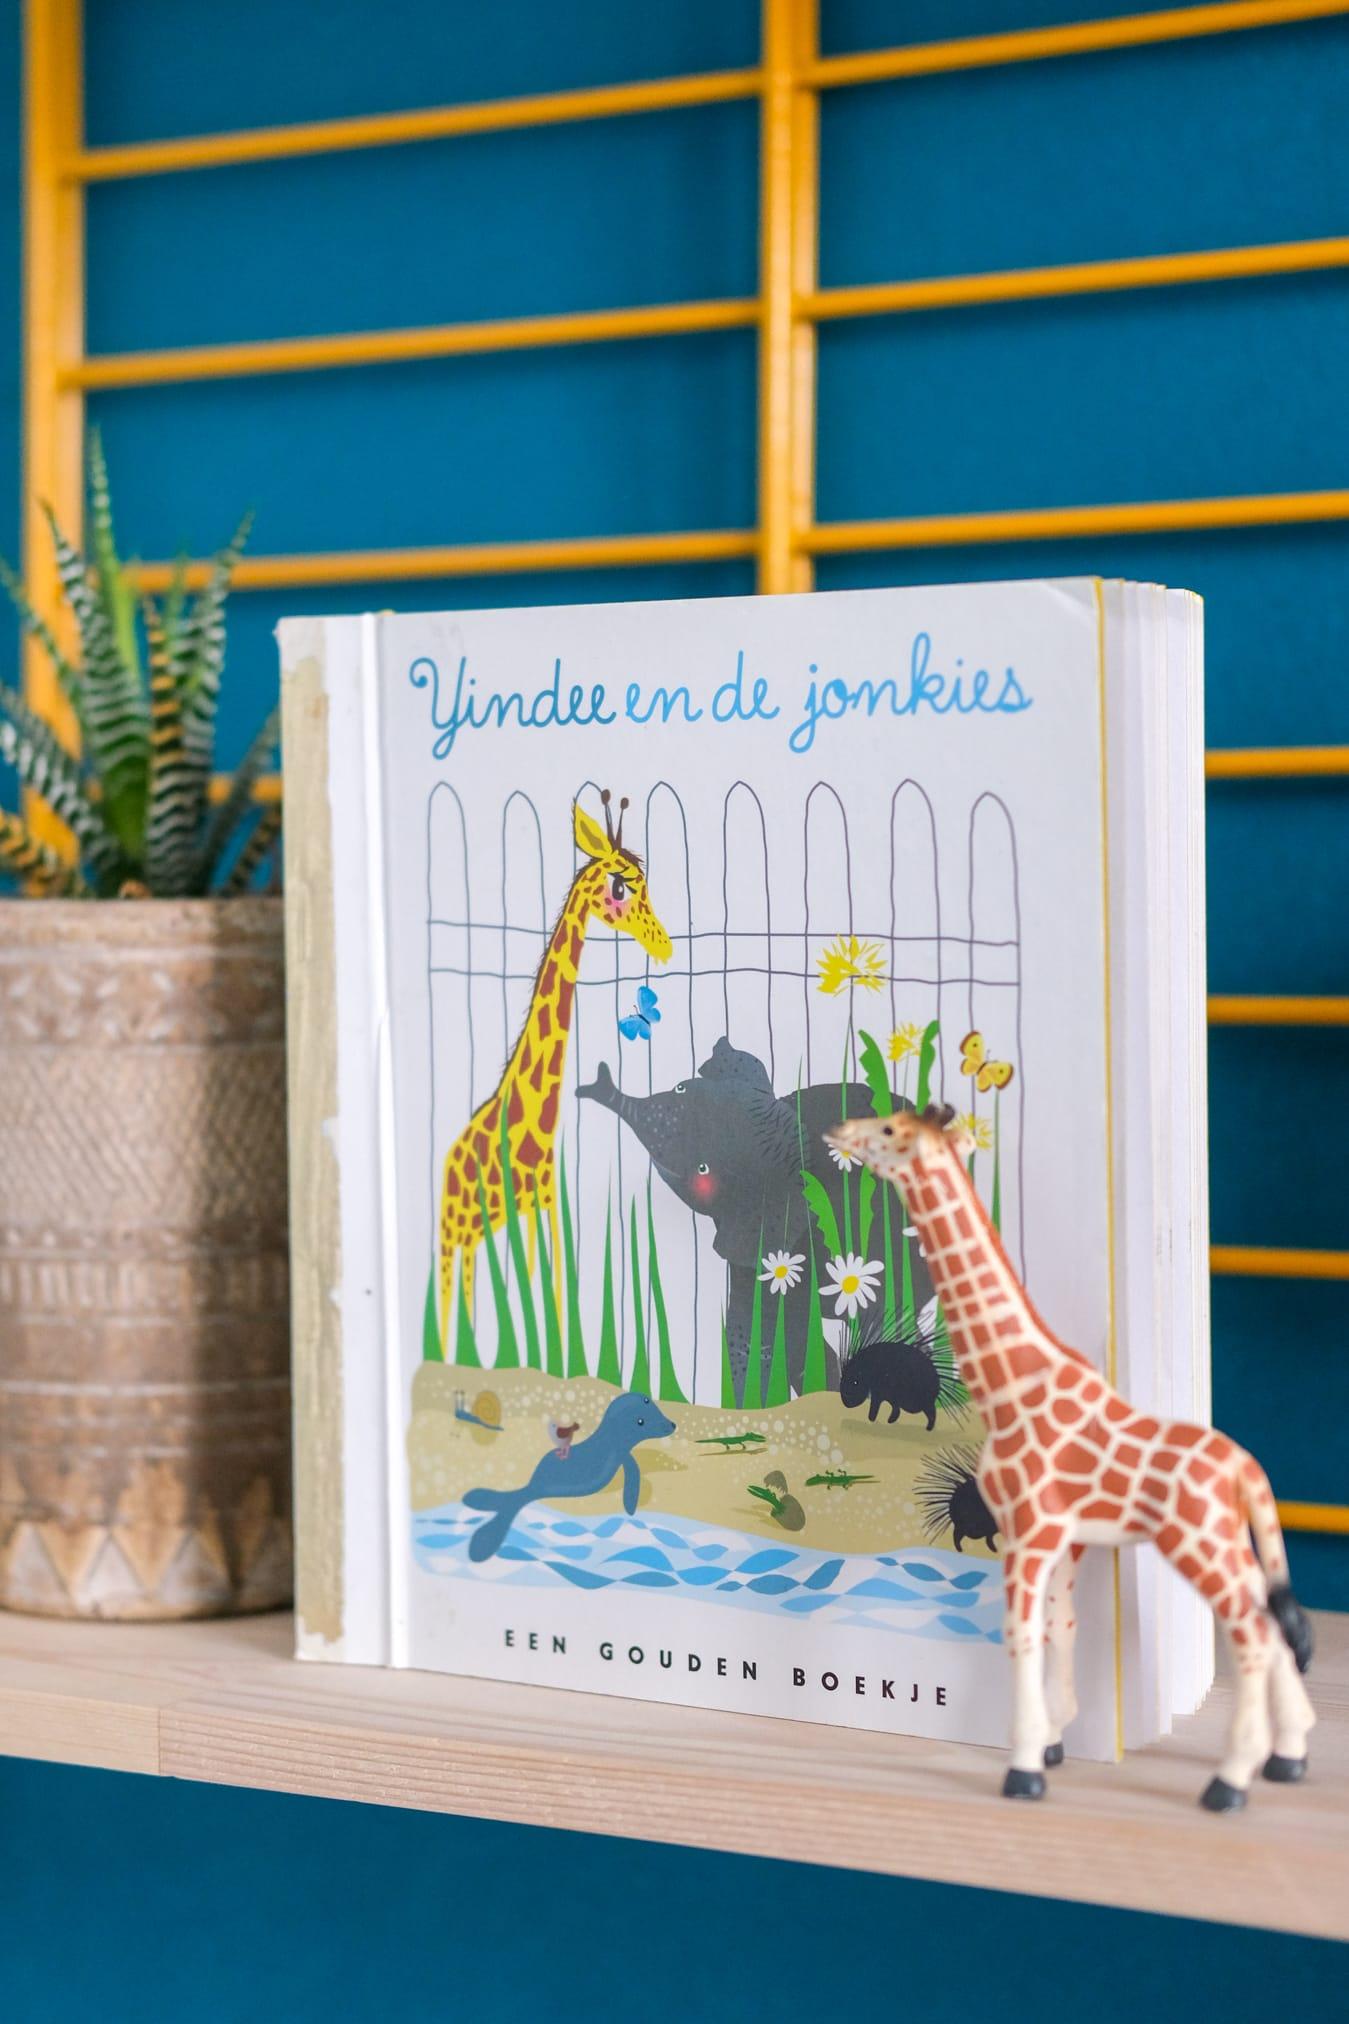 kinderboek over artis